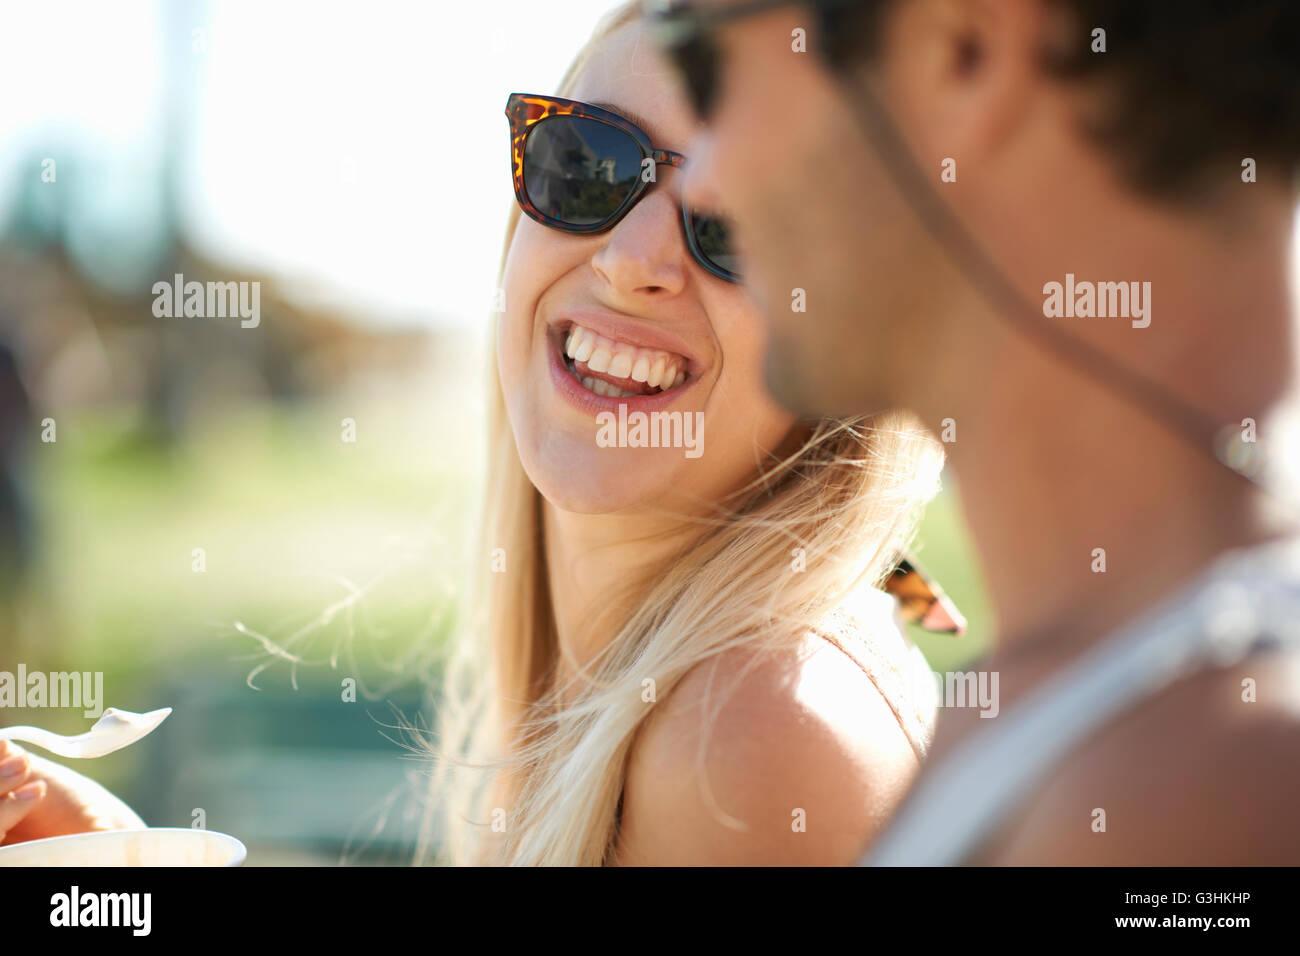 Chiusura del giovane mangiare yogurt surgelato a Venice Beach, California, Stati Uniti d'America Immagini Stock